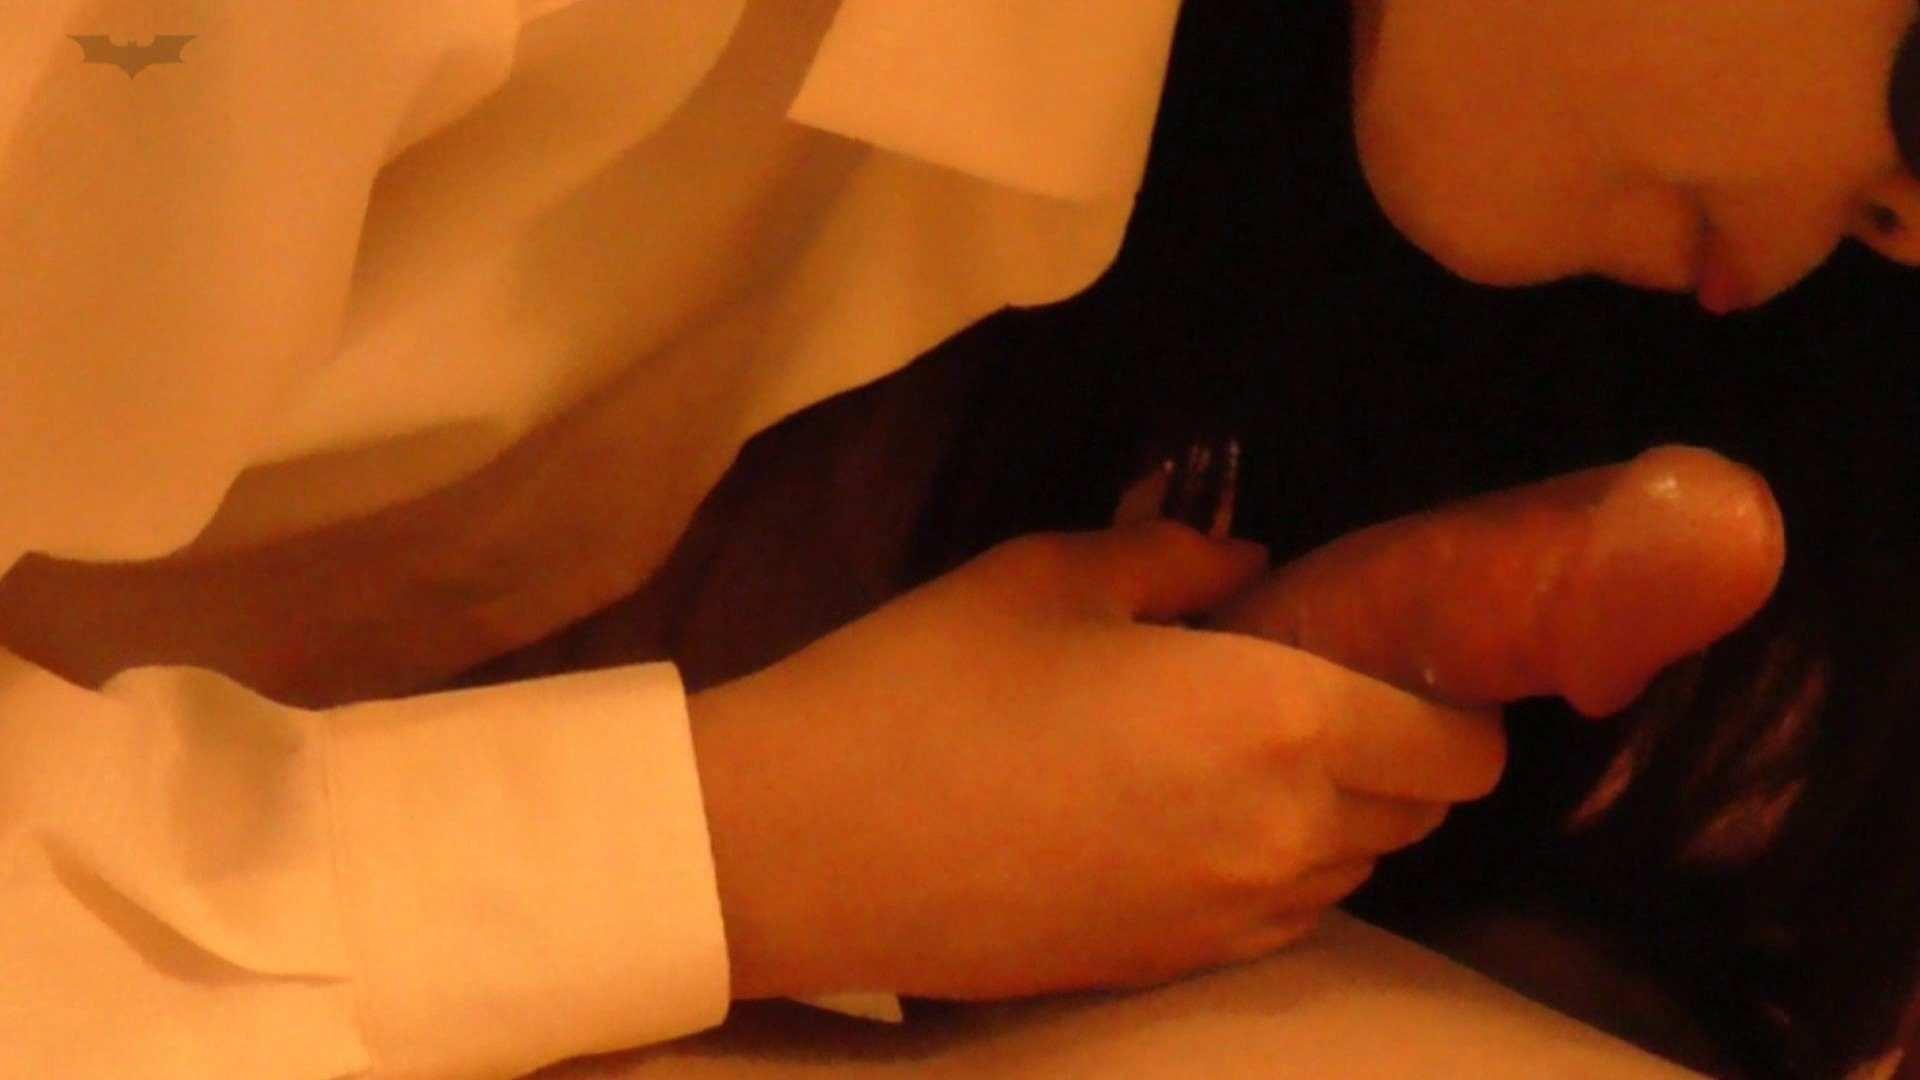 内緒でデリヘル盗撮 Vol.01前編 えっろいデリ嬢がチュパチュパごっくん! 盗撮  105PIX 54